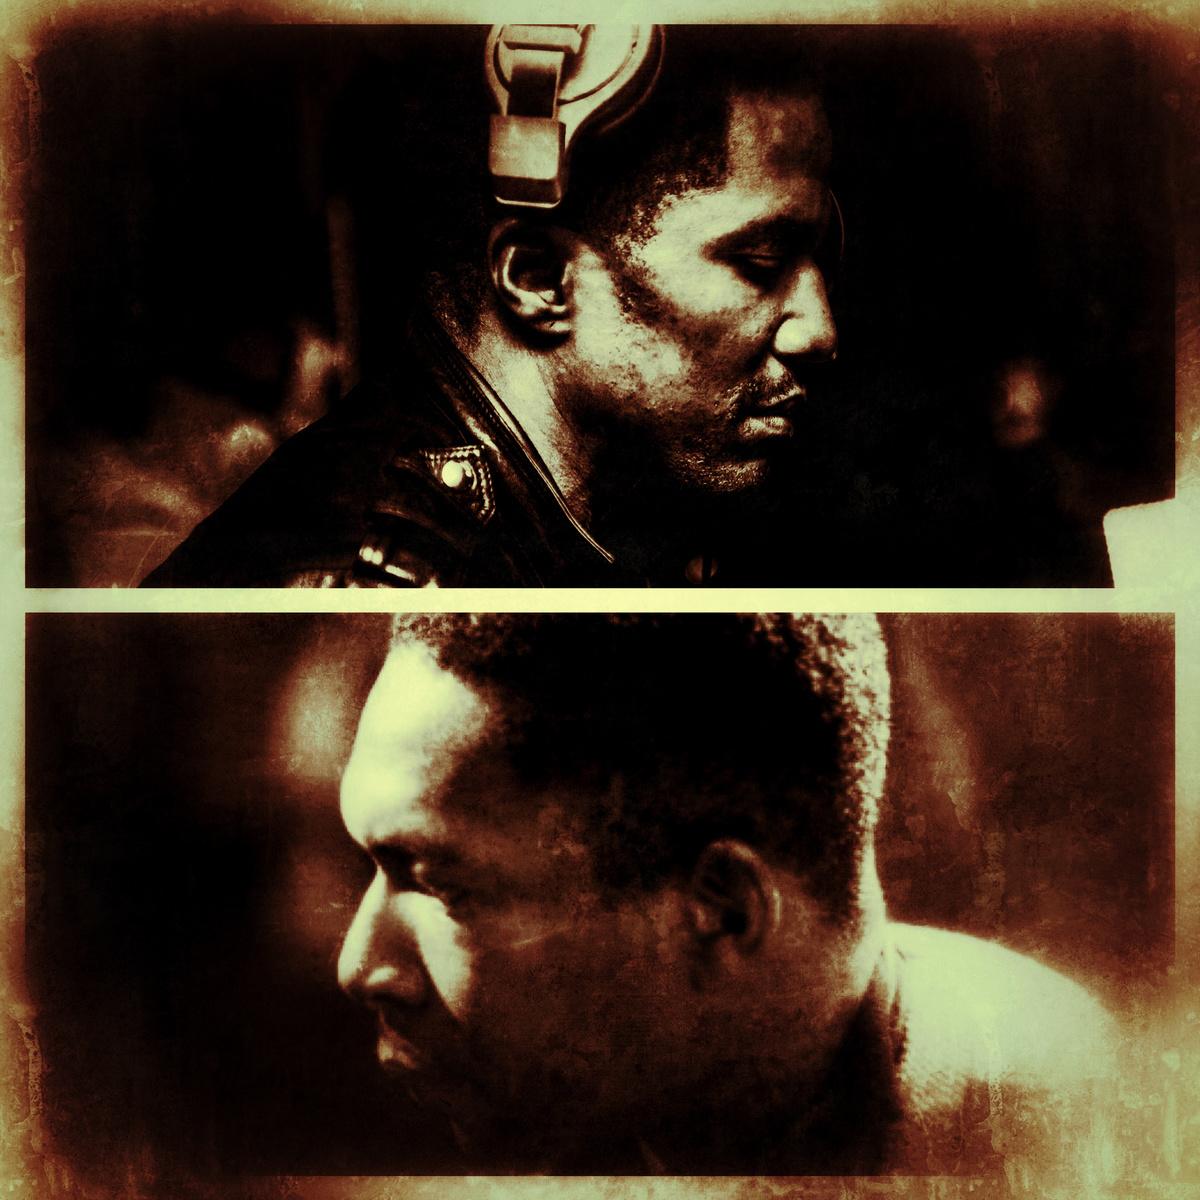 Listen: Stro Elliot – Kamaal Coltrane (Q-Tip x John Coltrane)